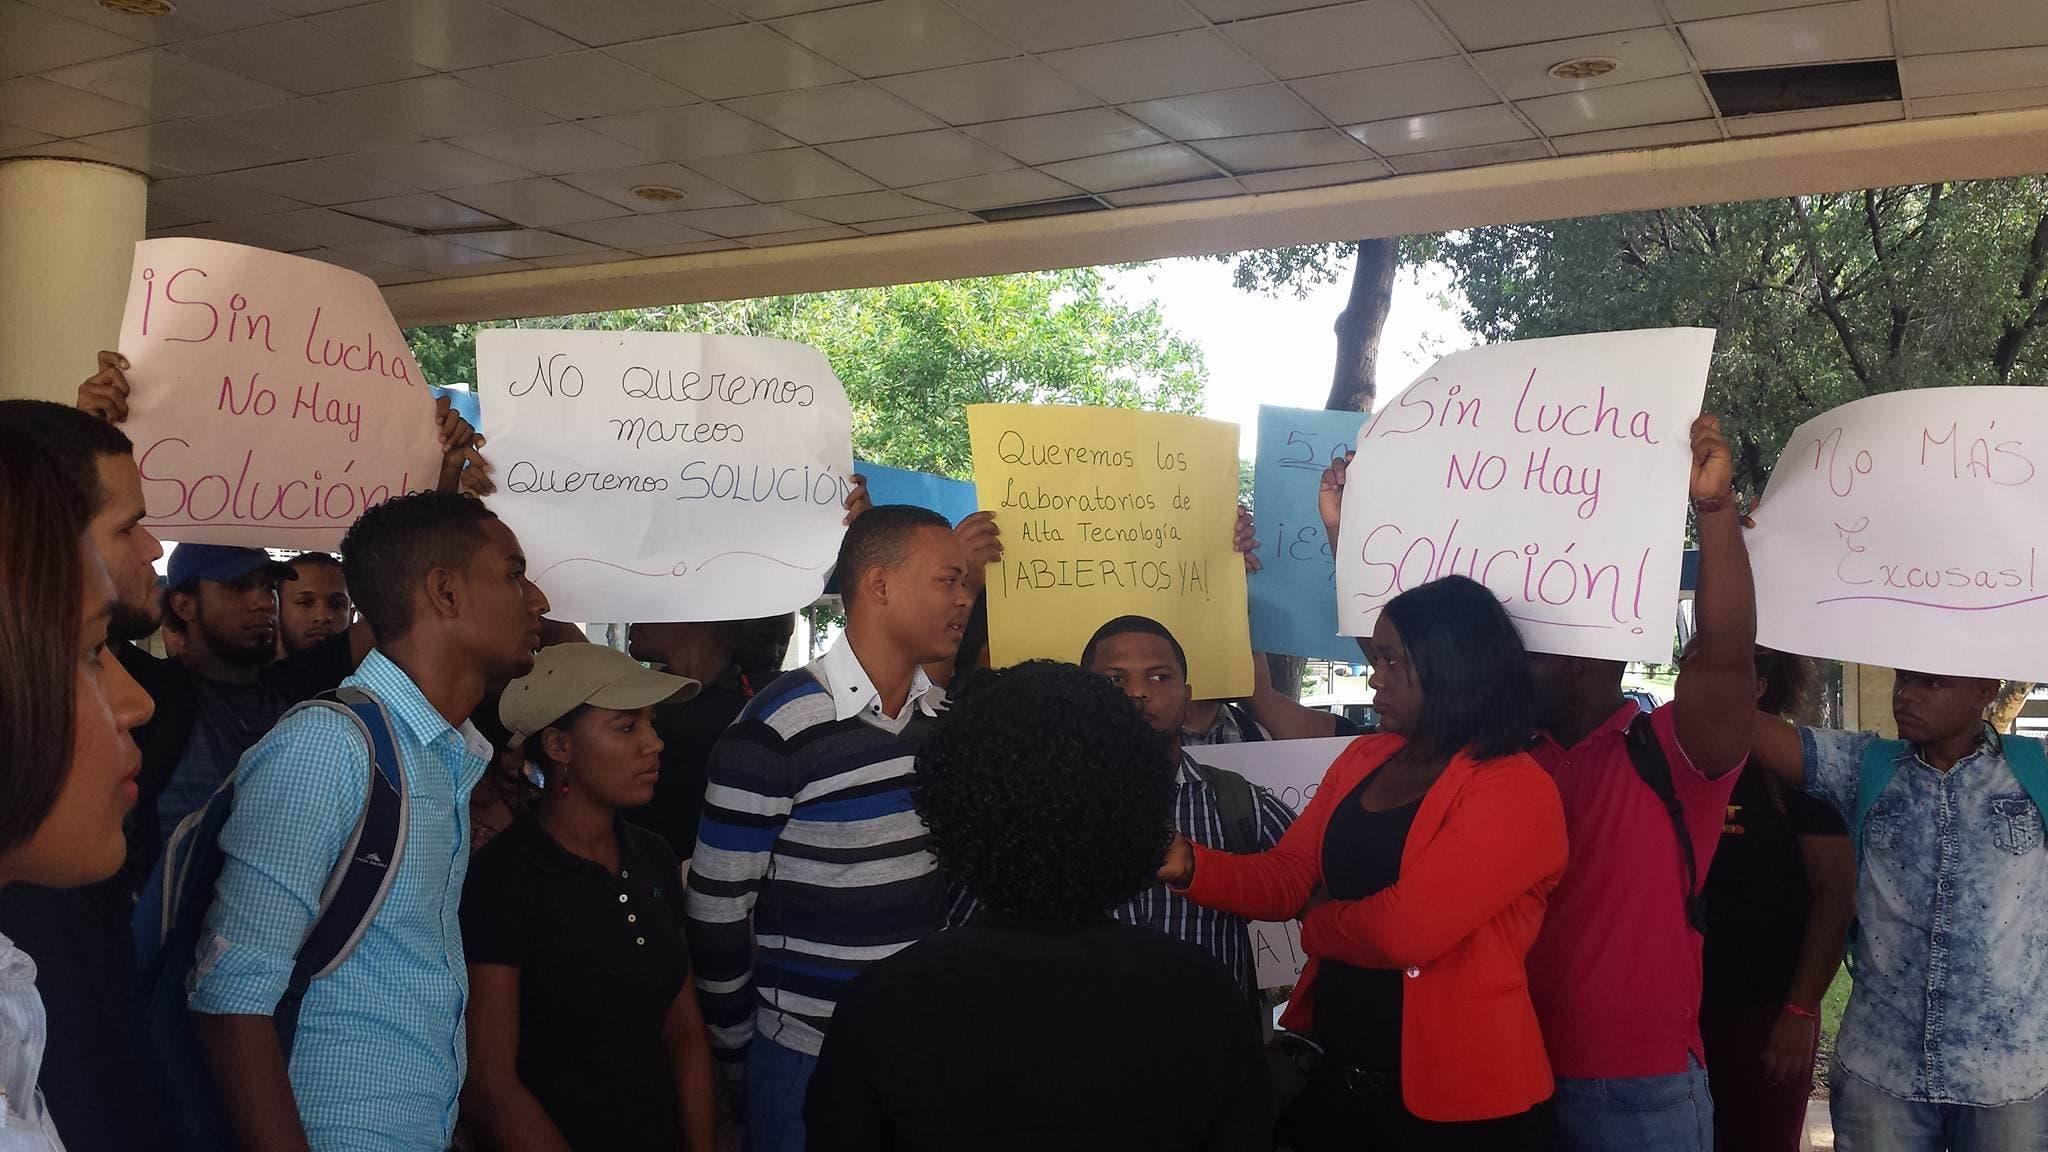 Videos: ¡Y si no lo abren, lo abrimos nosotros!, estudiantes UASD exigen laboratorios inaugurados por Leonel Fernández